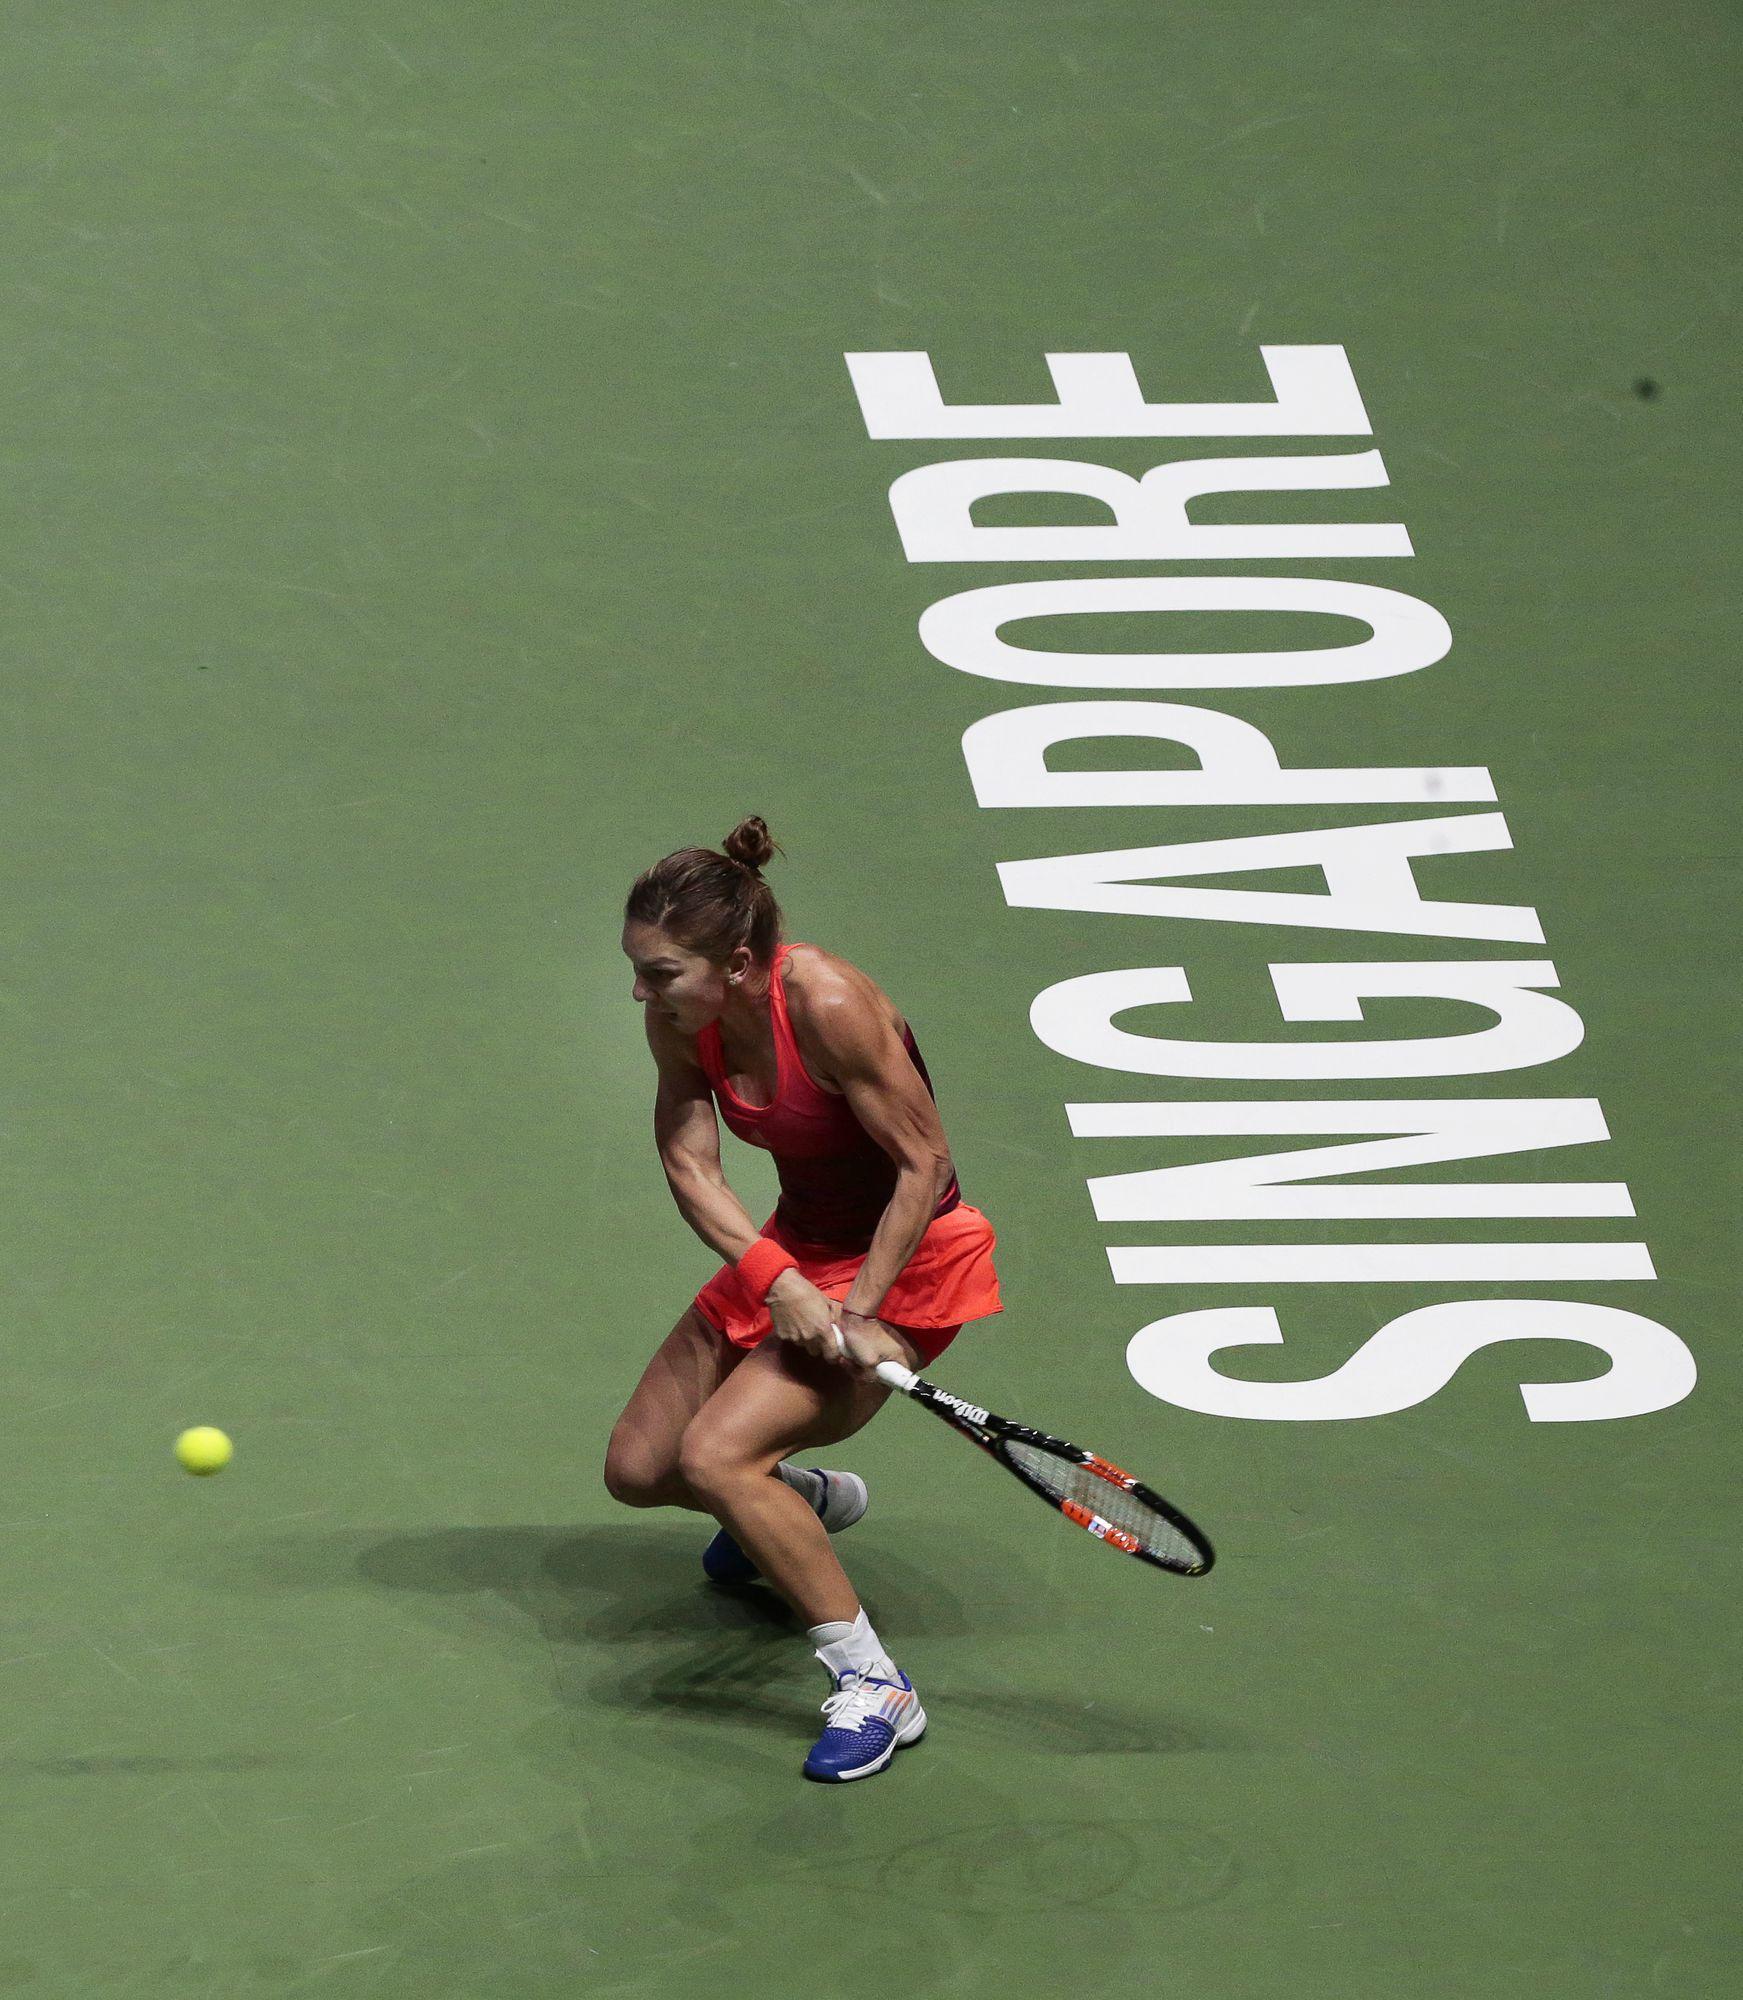 TURNEUL CAMPIOANELOR. Simona Halep, învinsă a șasea oară (din 6!) de Maria Șarapova! Pe româncă n-a ajutat-o nici măcar antrenorul Darren Cahill! Ar fi putut fi a 50-a victorie pentru numărul 2 WTA în 2015! Partida din Grupa Roșie a avut schimburi spectaculoase, în mare viteză! Calificarea în semifinale, în pericol! BLOG&VIDEO&FOTO